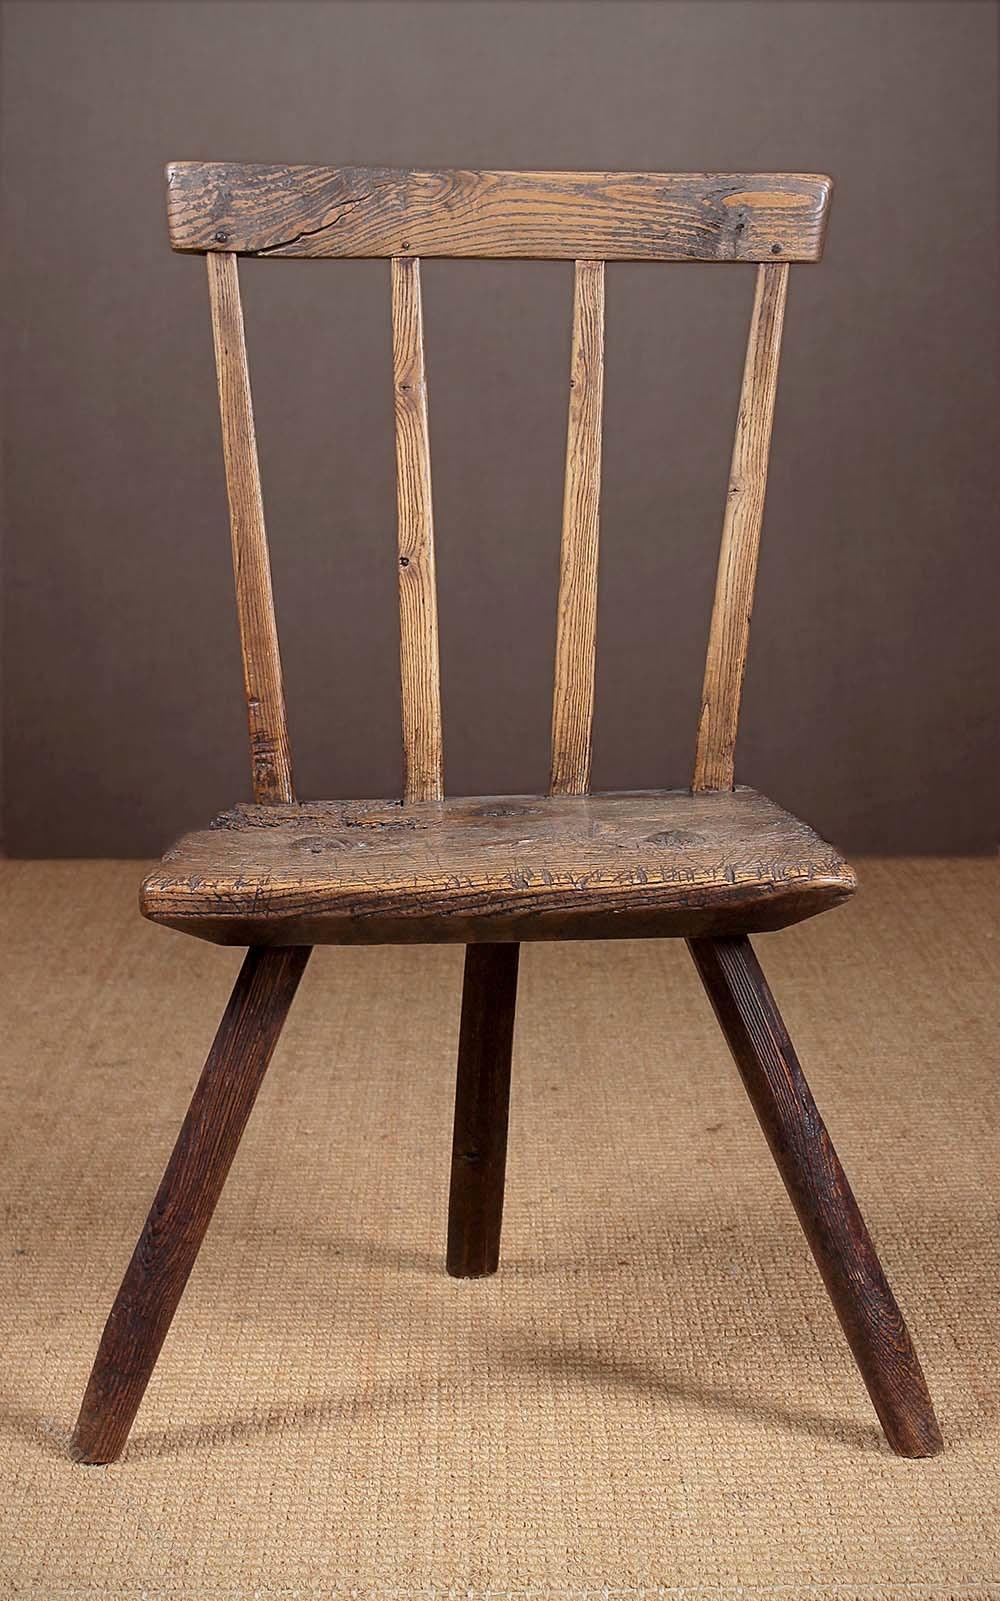 ... Antique Primitive Chairs ... - Primitive Welsh Stick Back Chair C.1790 - Antiques Atlas